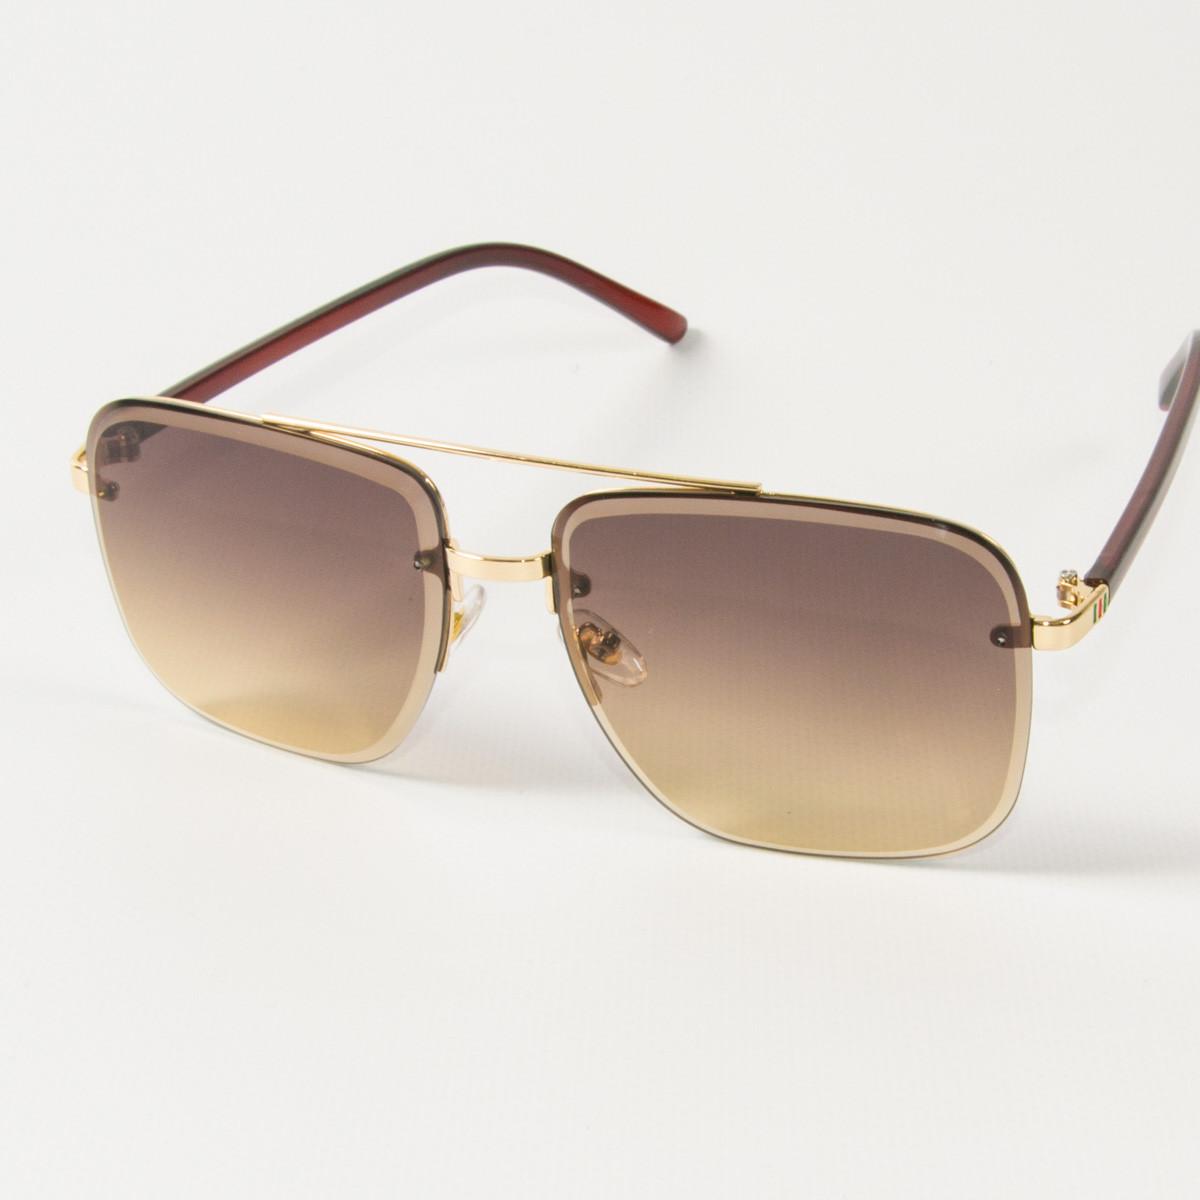 Оптом женские квадратные солнцезащитные очки  (арт. 6278/5) коричневые